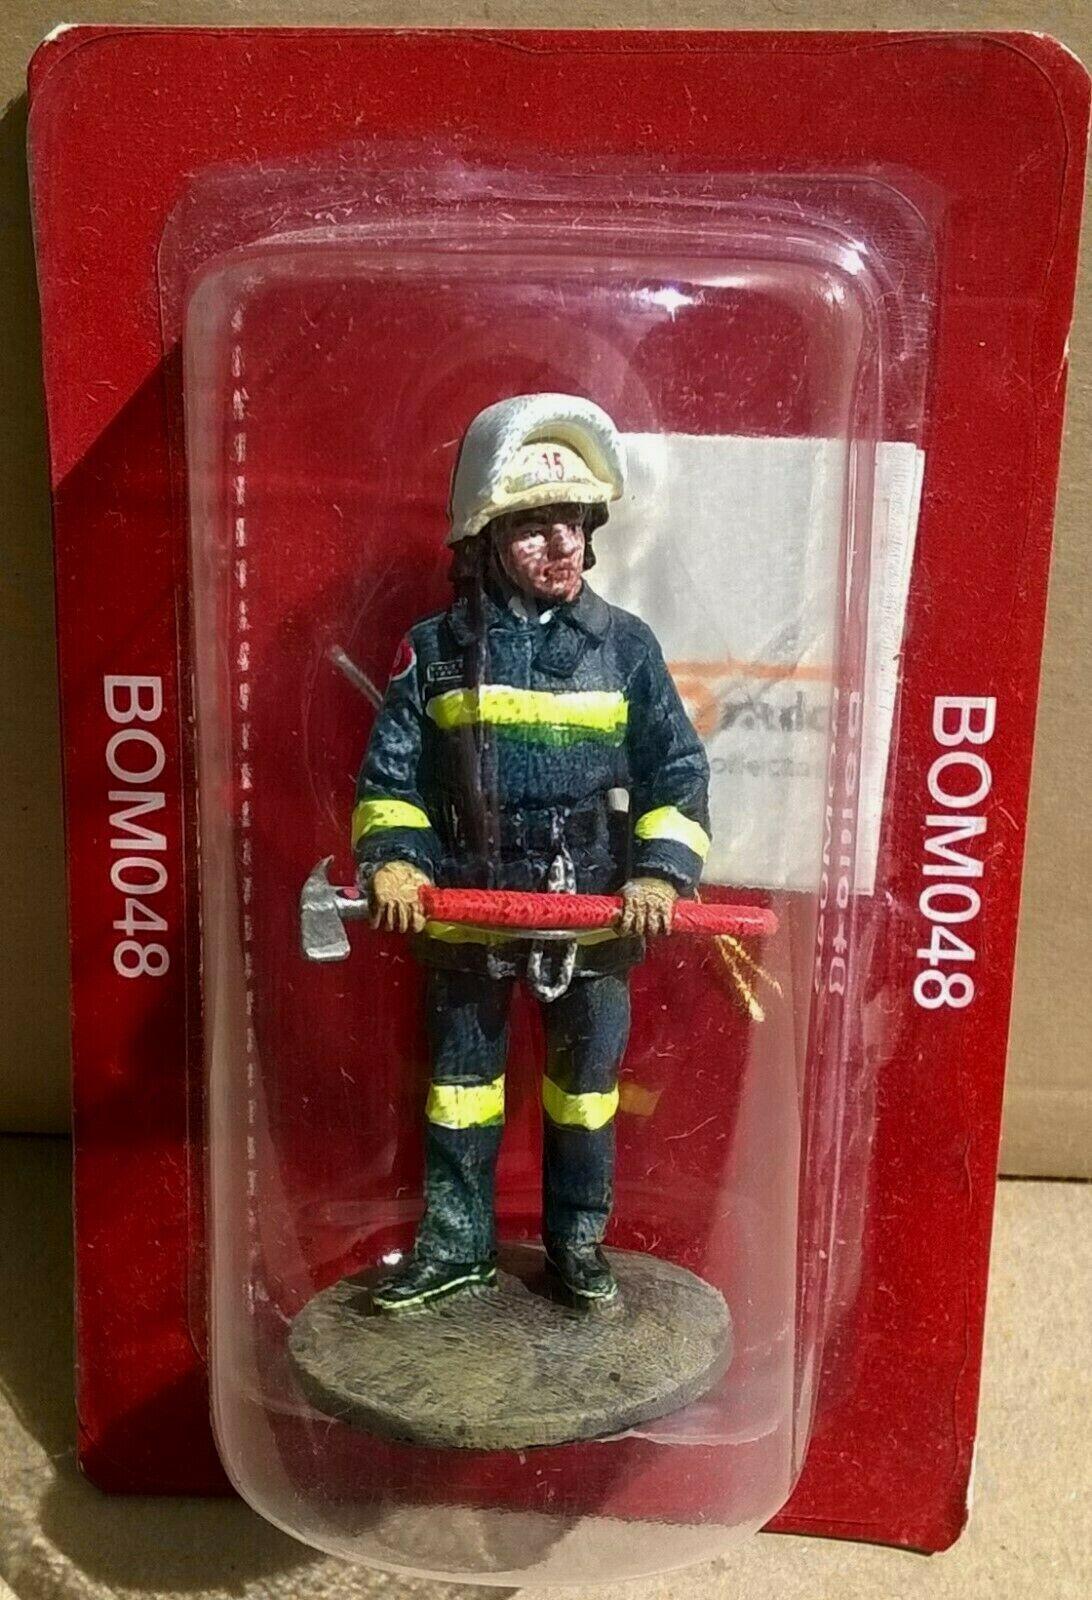 Del Prado 1//32 Figure Fireman ceremonial dress Monaco 2003 BOM119